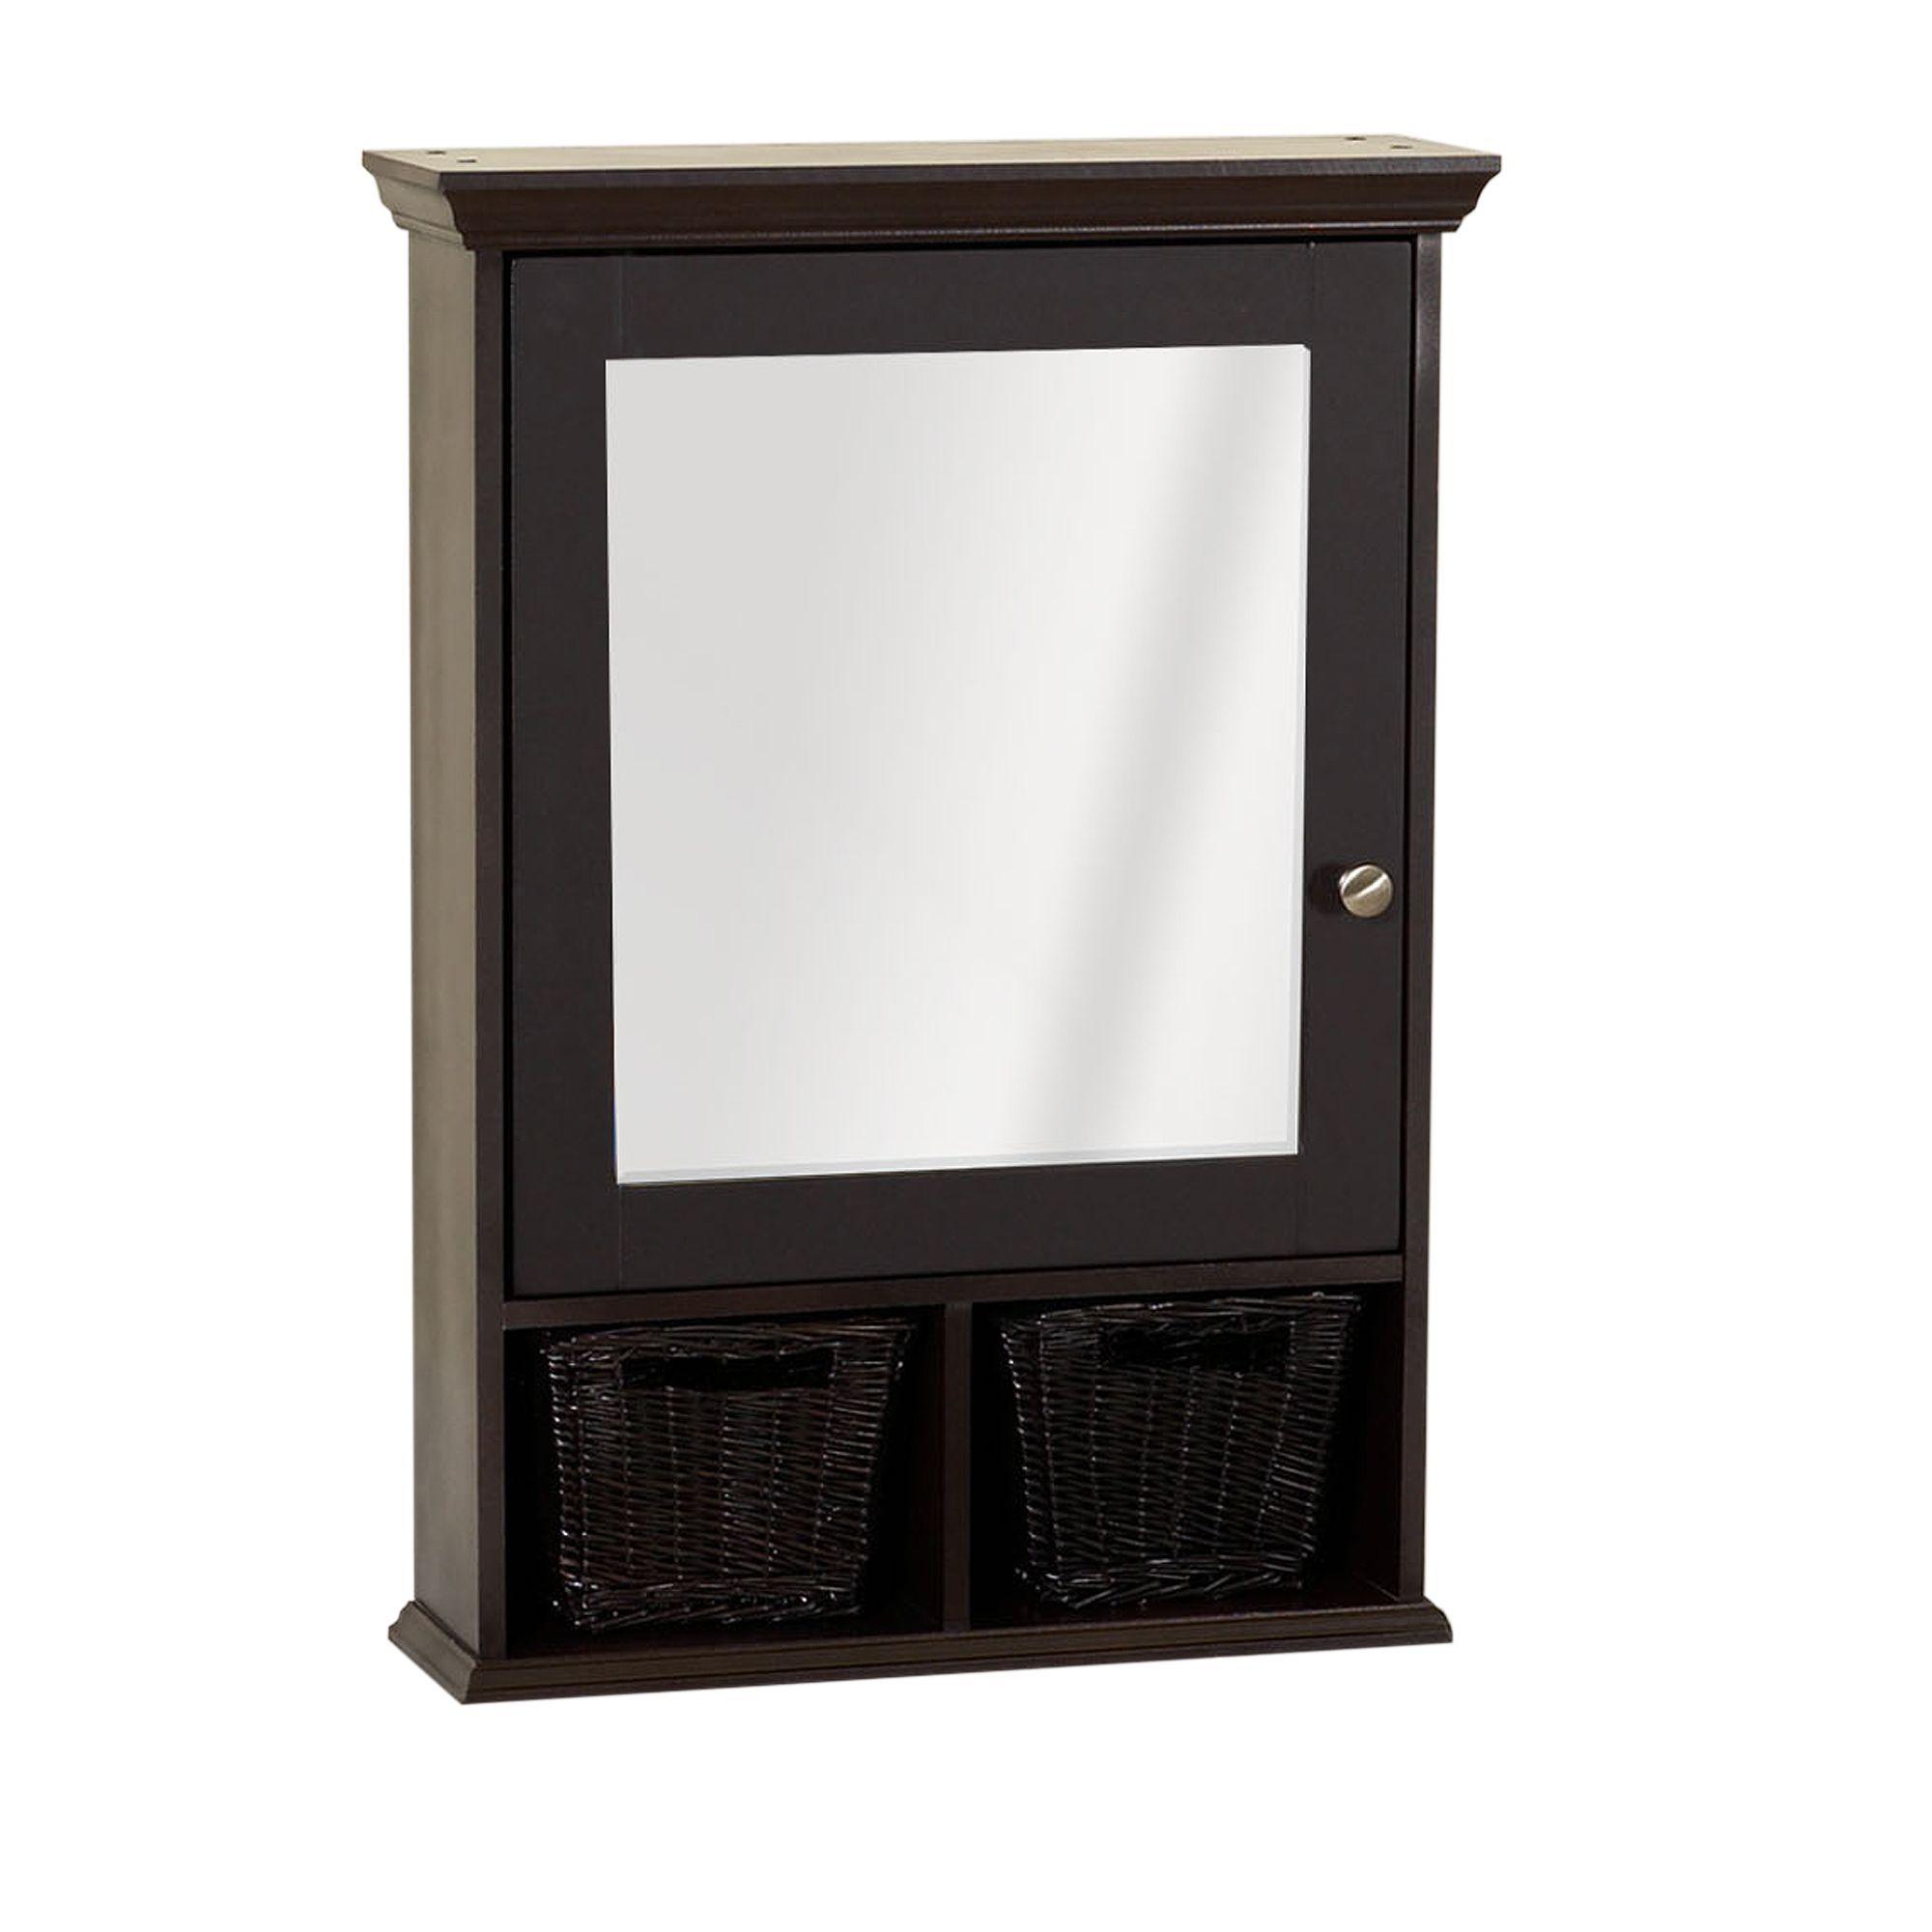 lovelywall bay modular l cabinets cabinet design glacier for bathroom